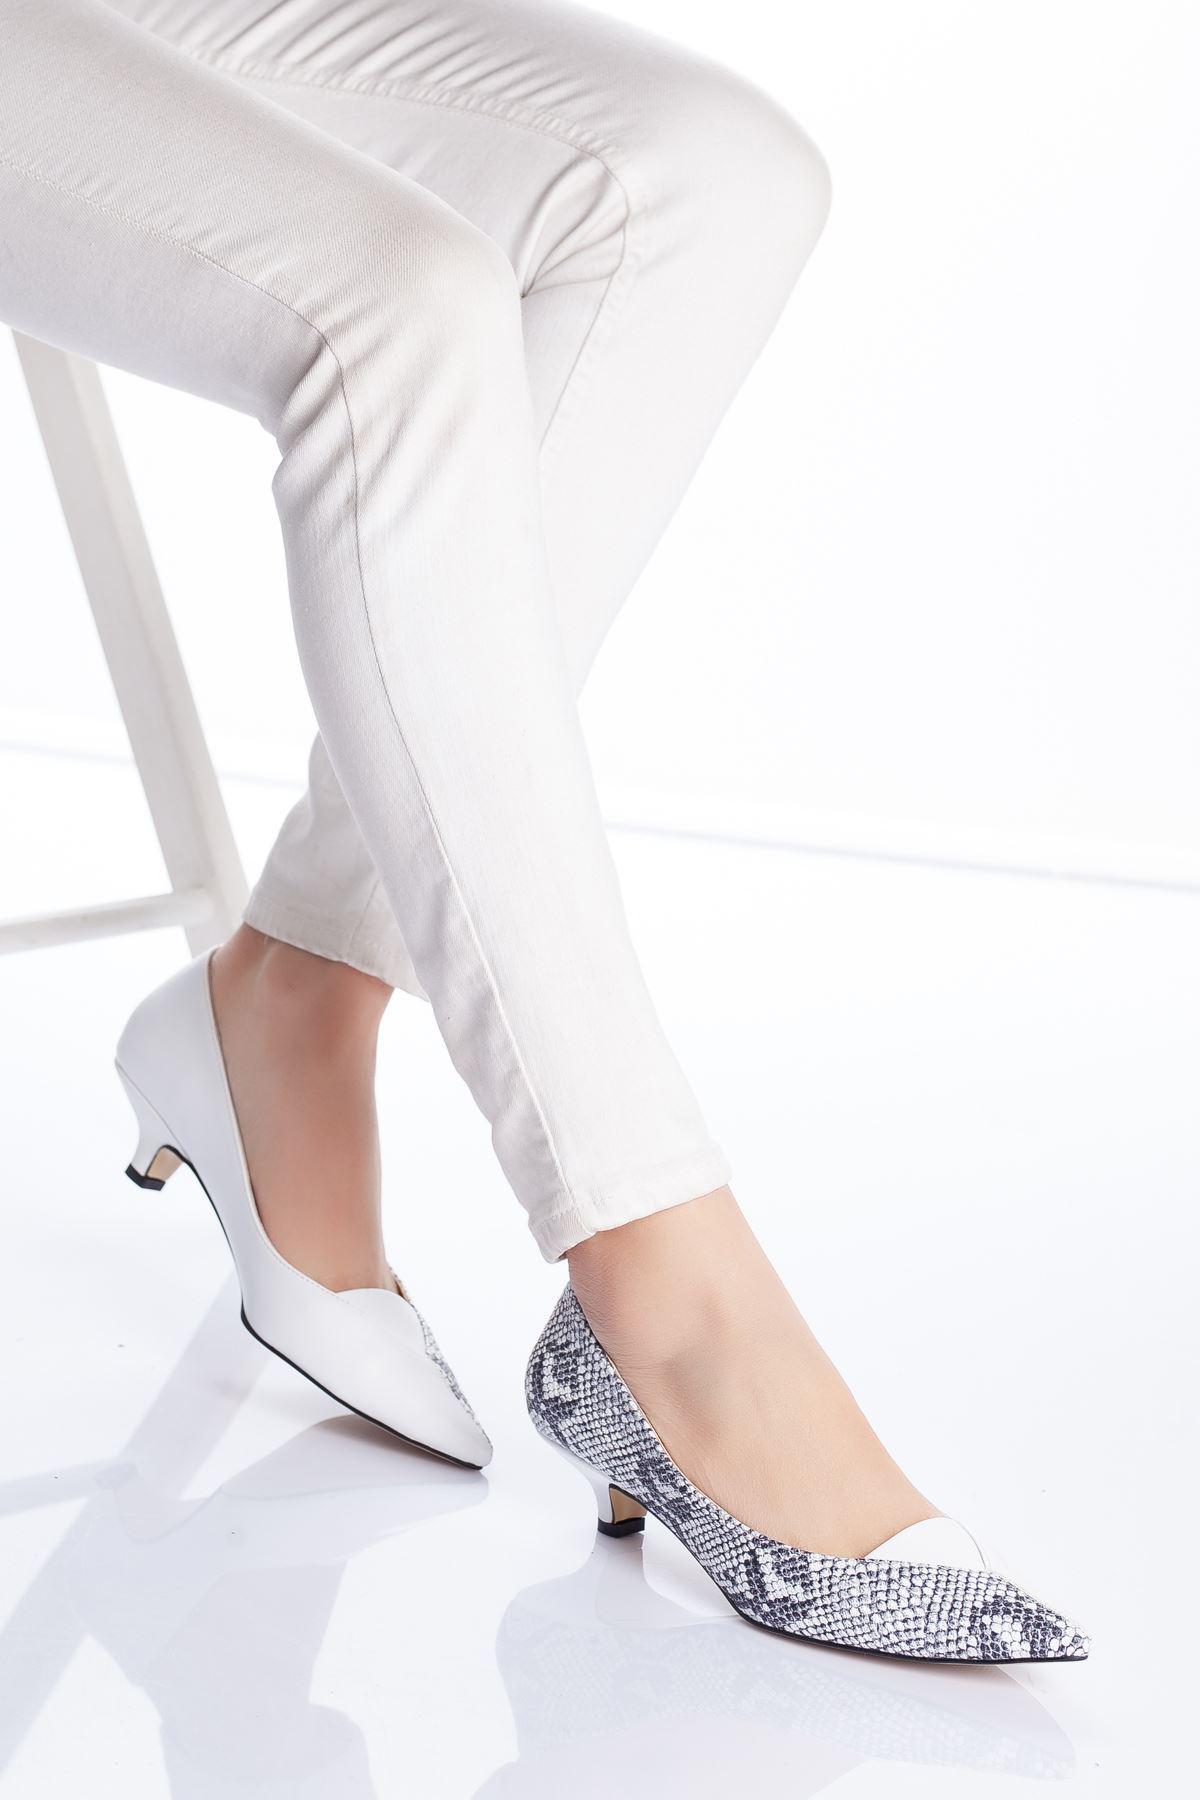 Limsi Topuklu Ayakkabı BEYAZ-YILAN